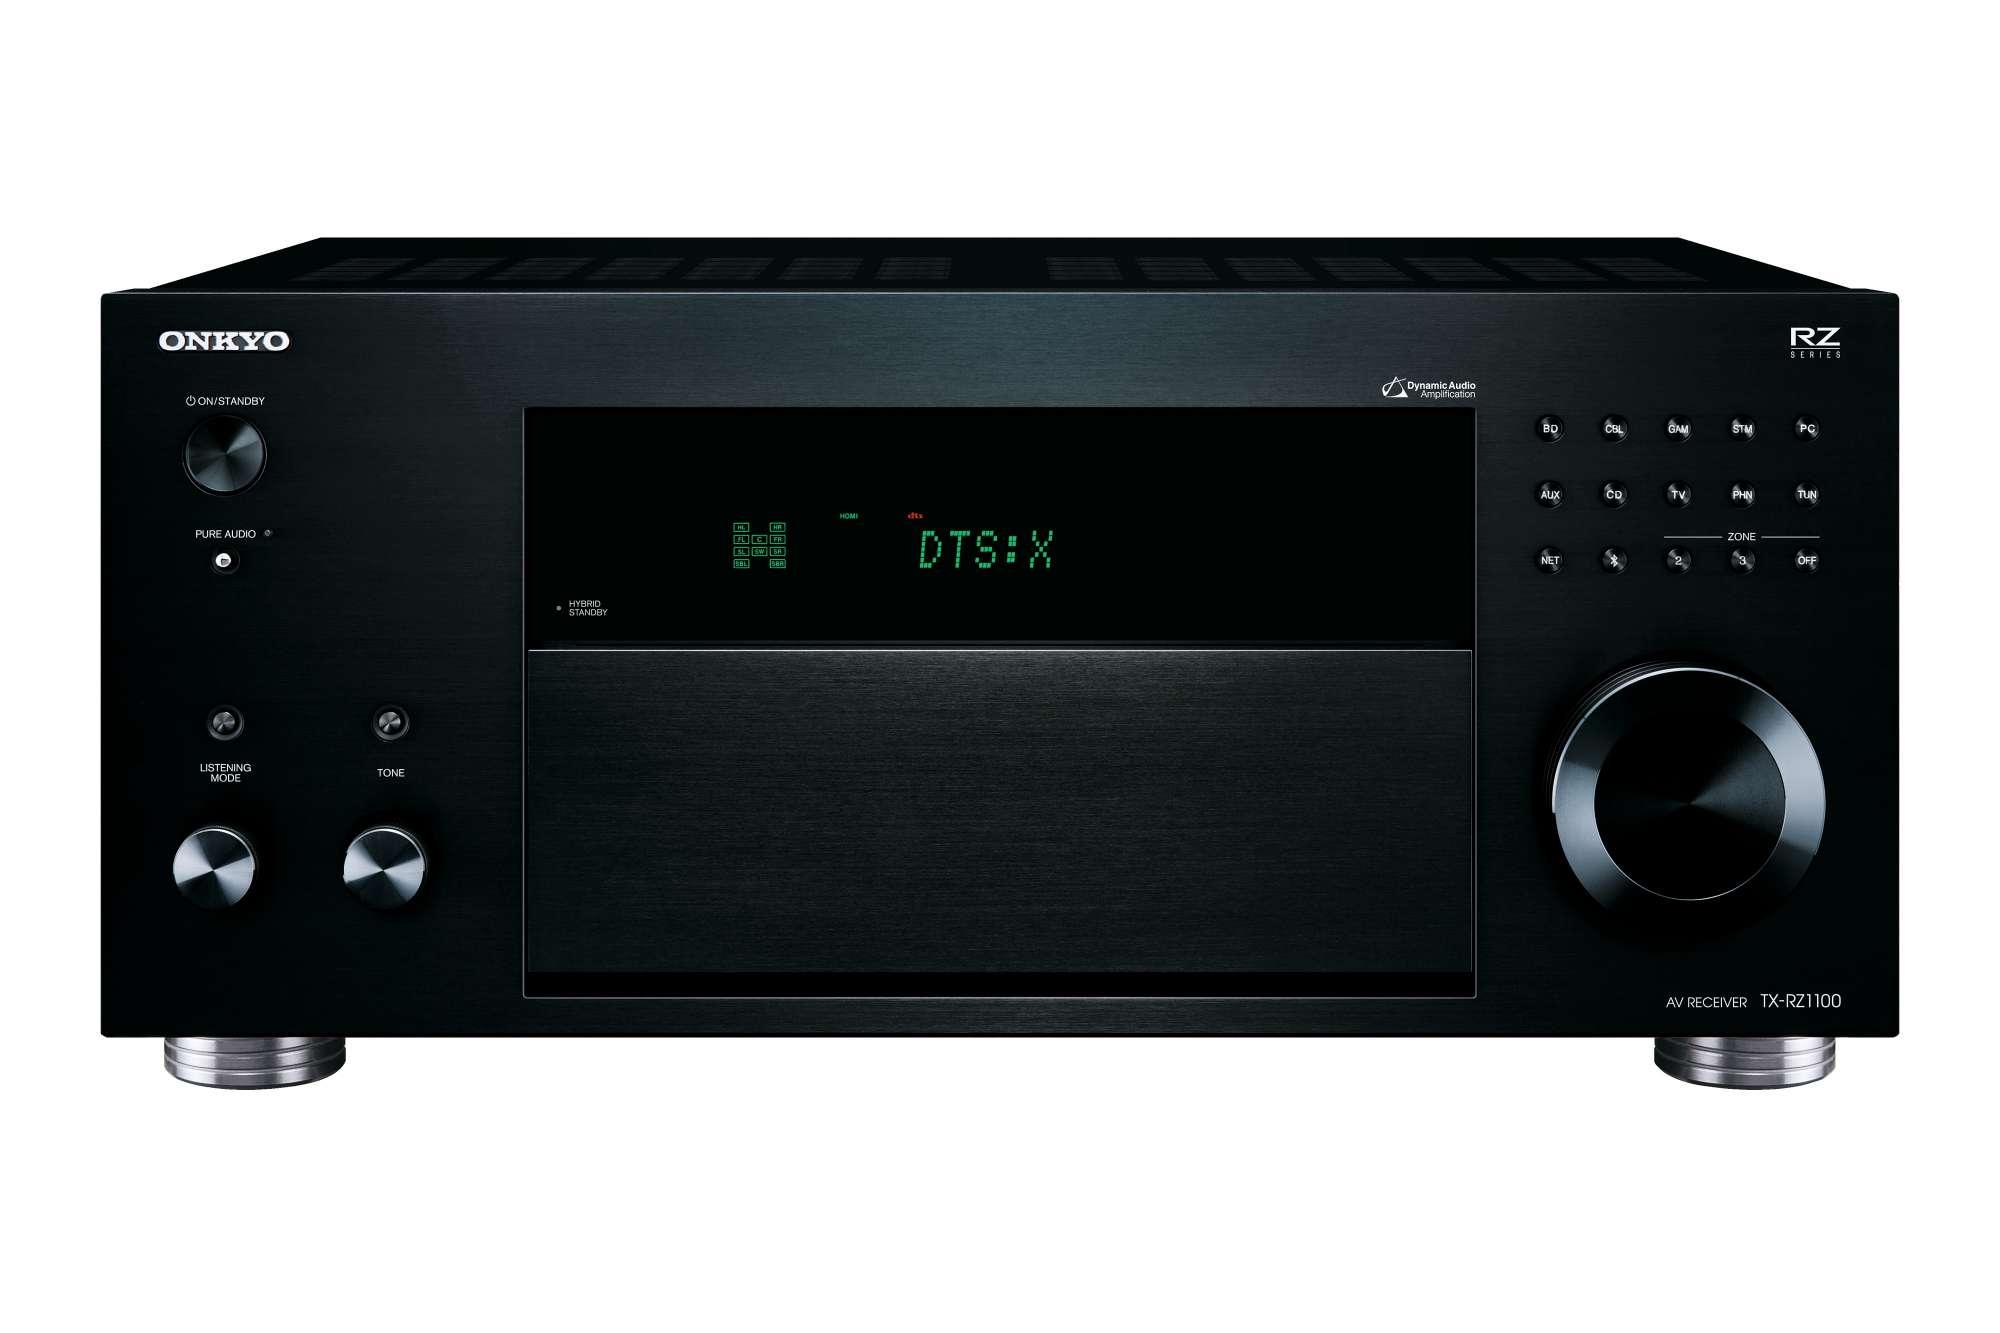 Onkyo TX-RZ1100 Netzwerk 9.2-Kanal-AV-Receiver, schwarz (geprüfte Retoure)